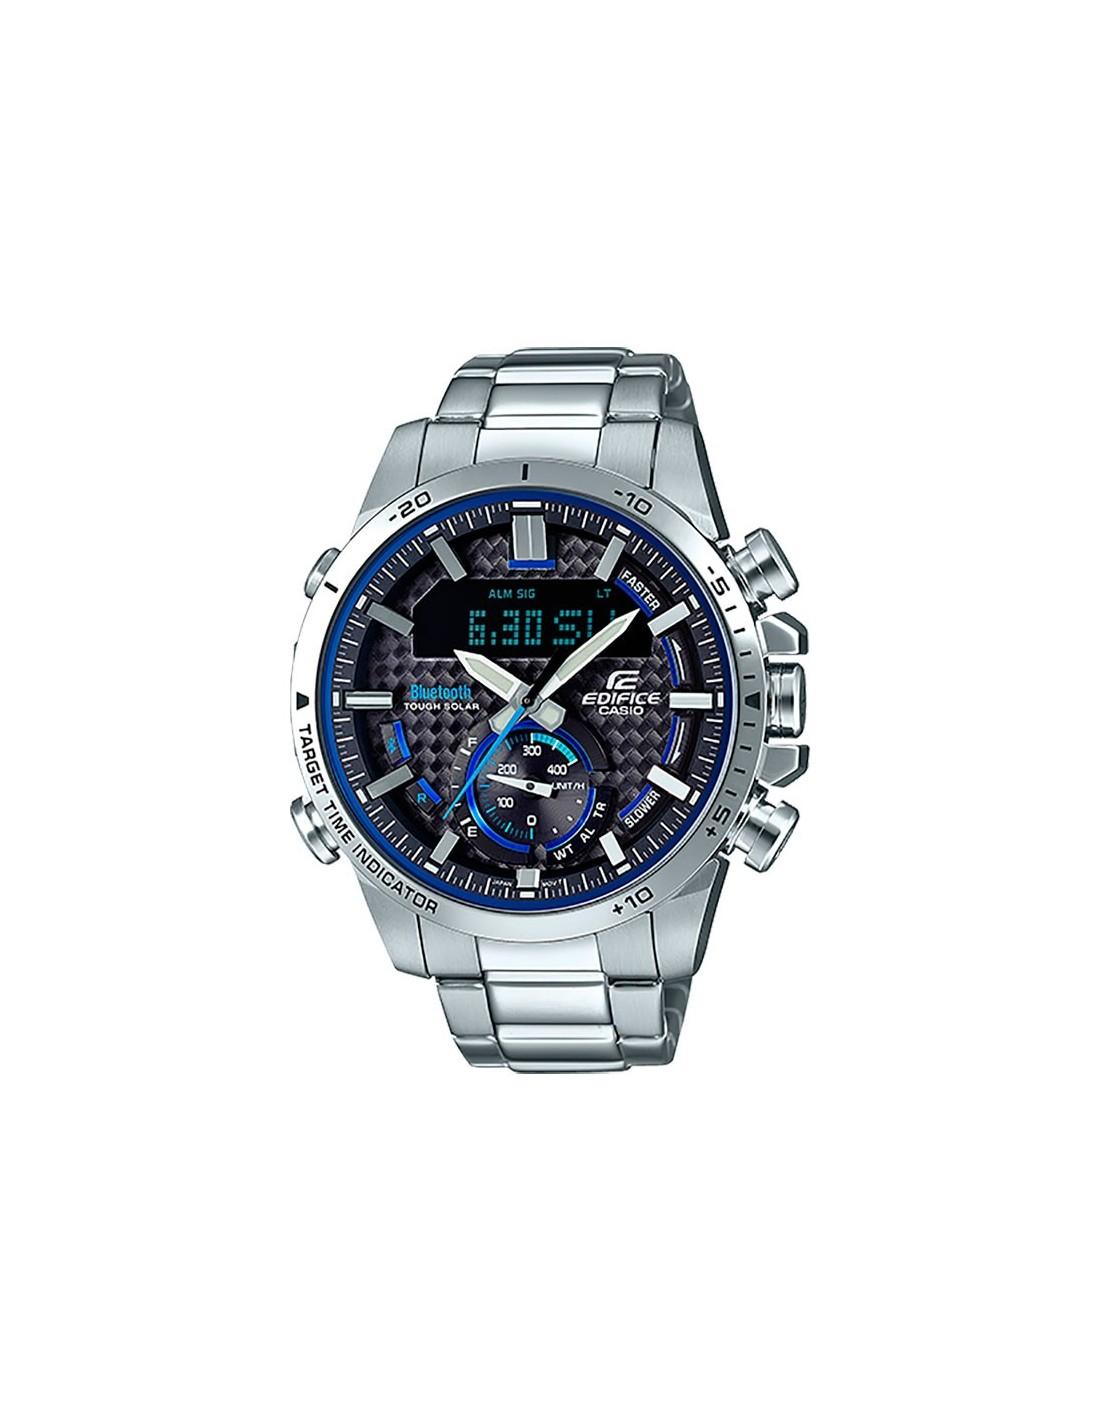 80458c2e8bea Relógio ECB-800D-1AEF Casio Edifice Bluetooth ...